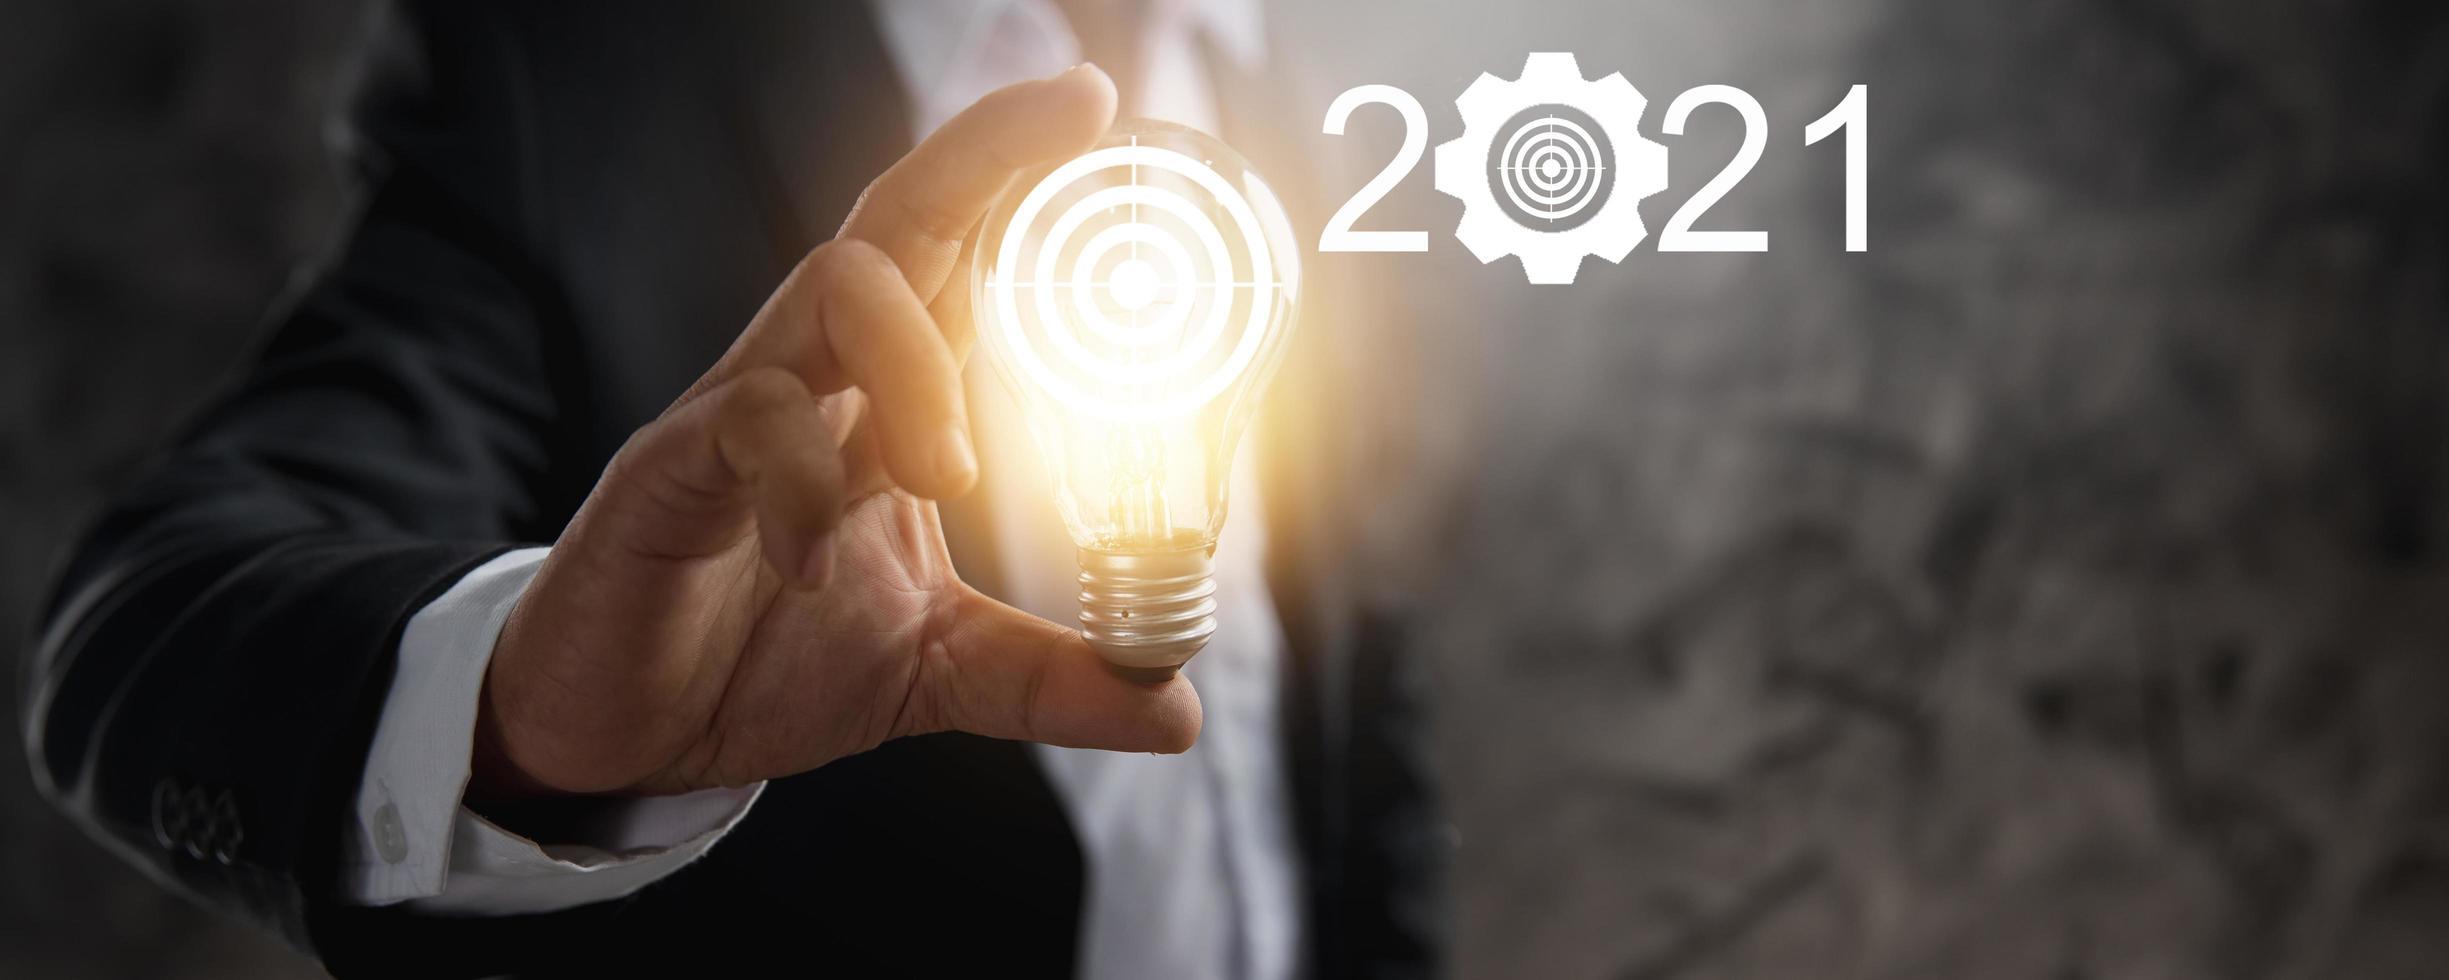 2021 innovación y concepto de idea. foto